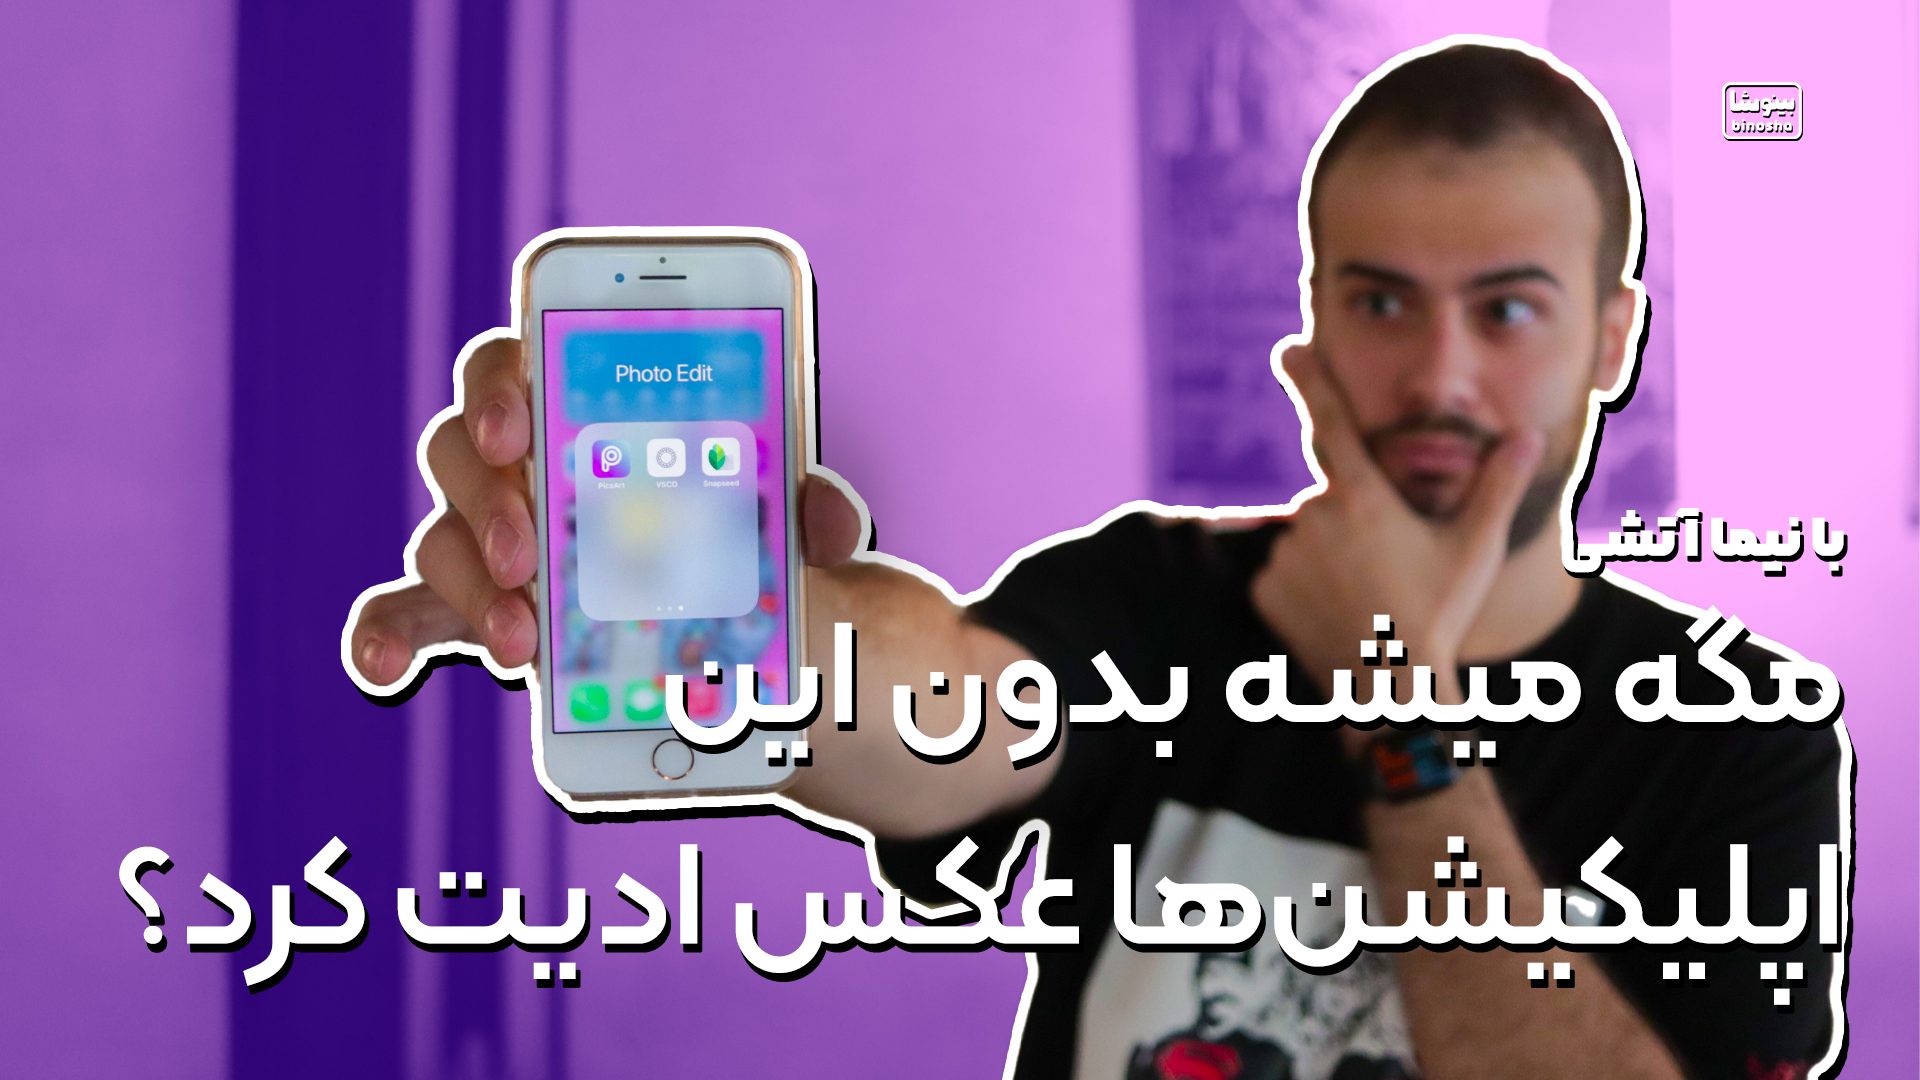 معرفی ۳ تا از بهترین اپلیکیشن های ادیت عکس برای گوشی های اندرویدی و آیفون